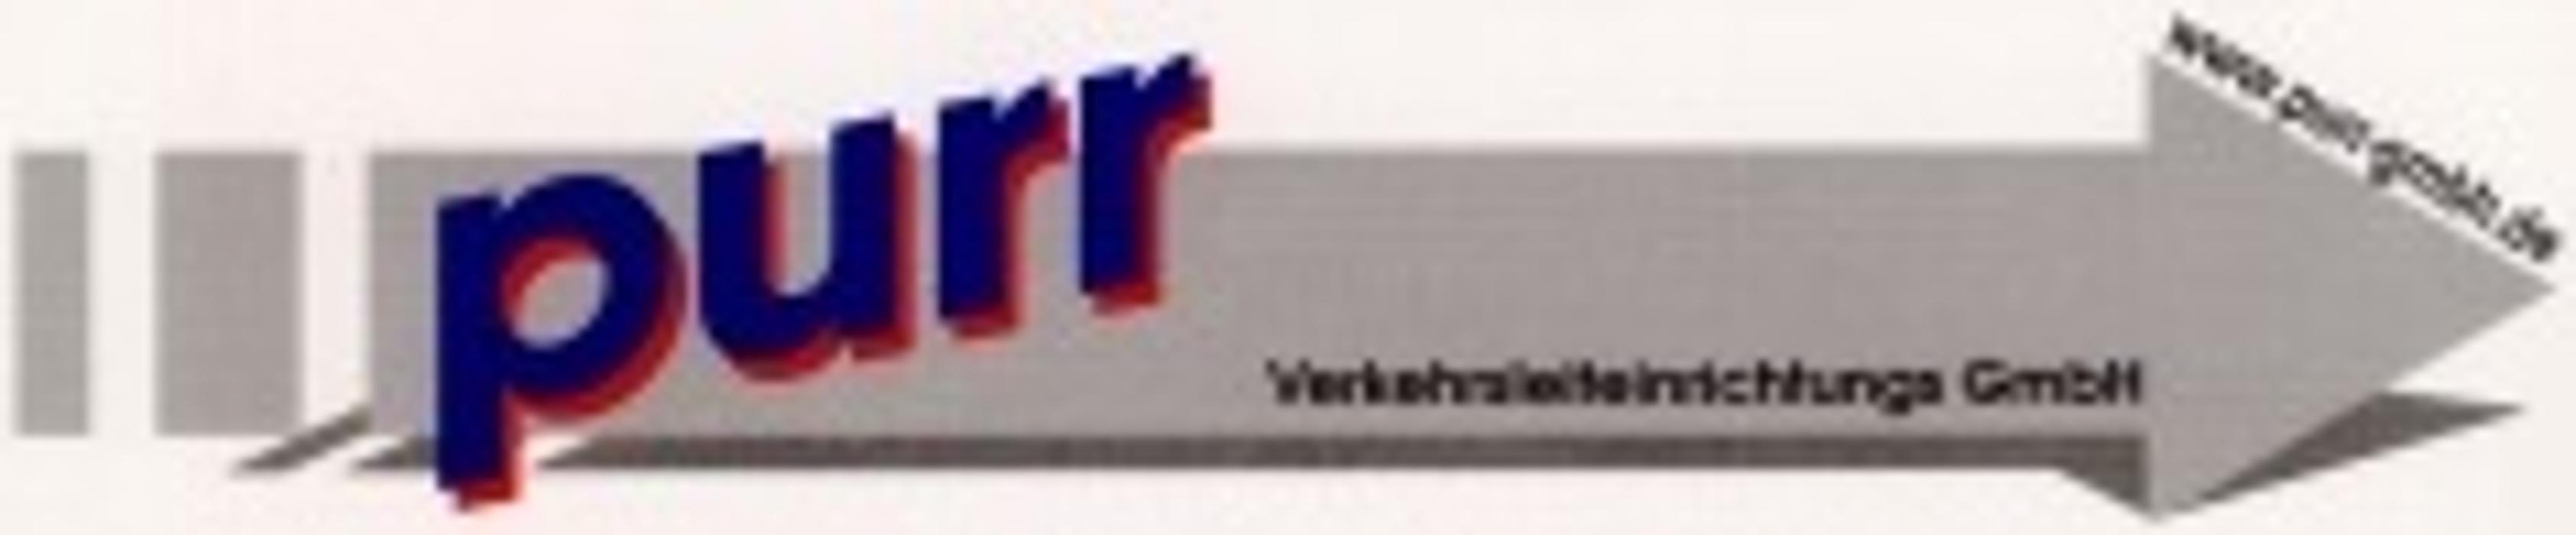 Bild zu Purr Verkehrsleiteinrichtungs GmbH in Ascha